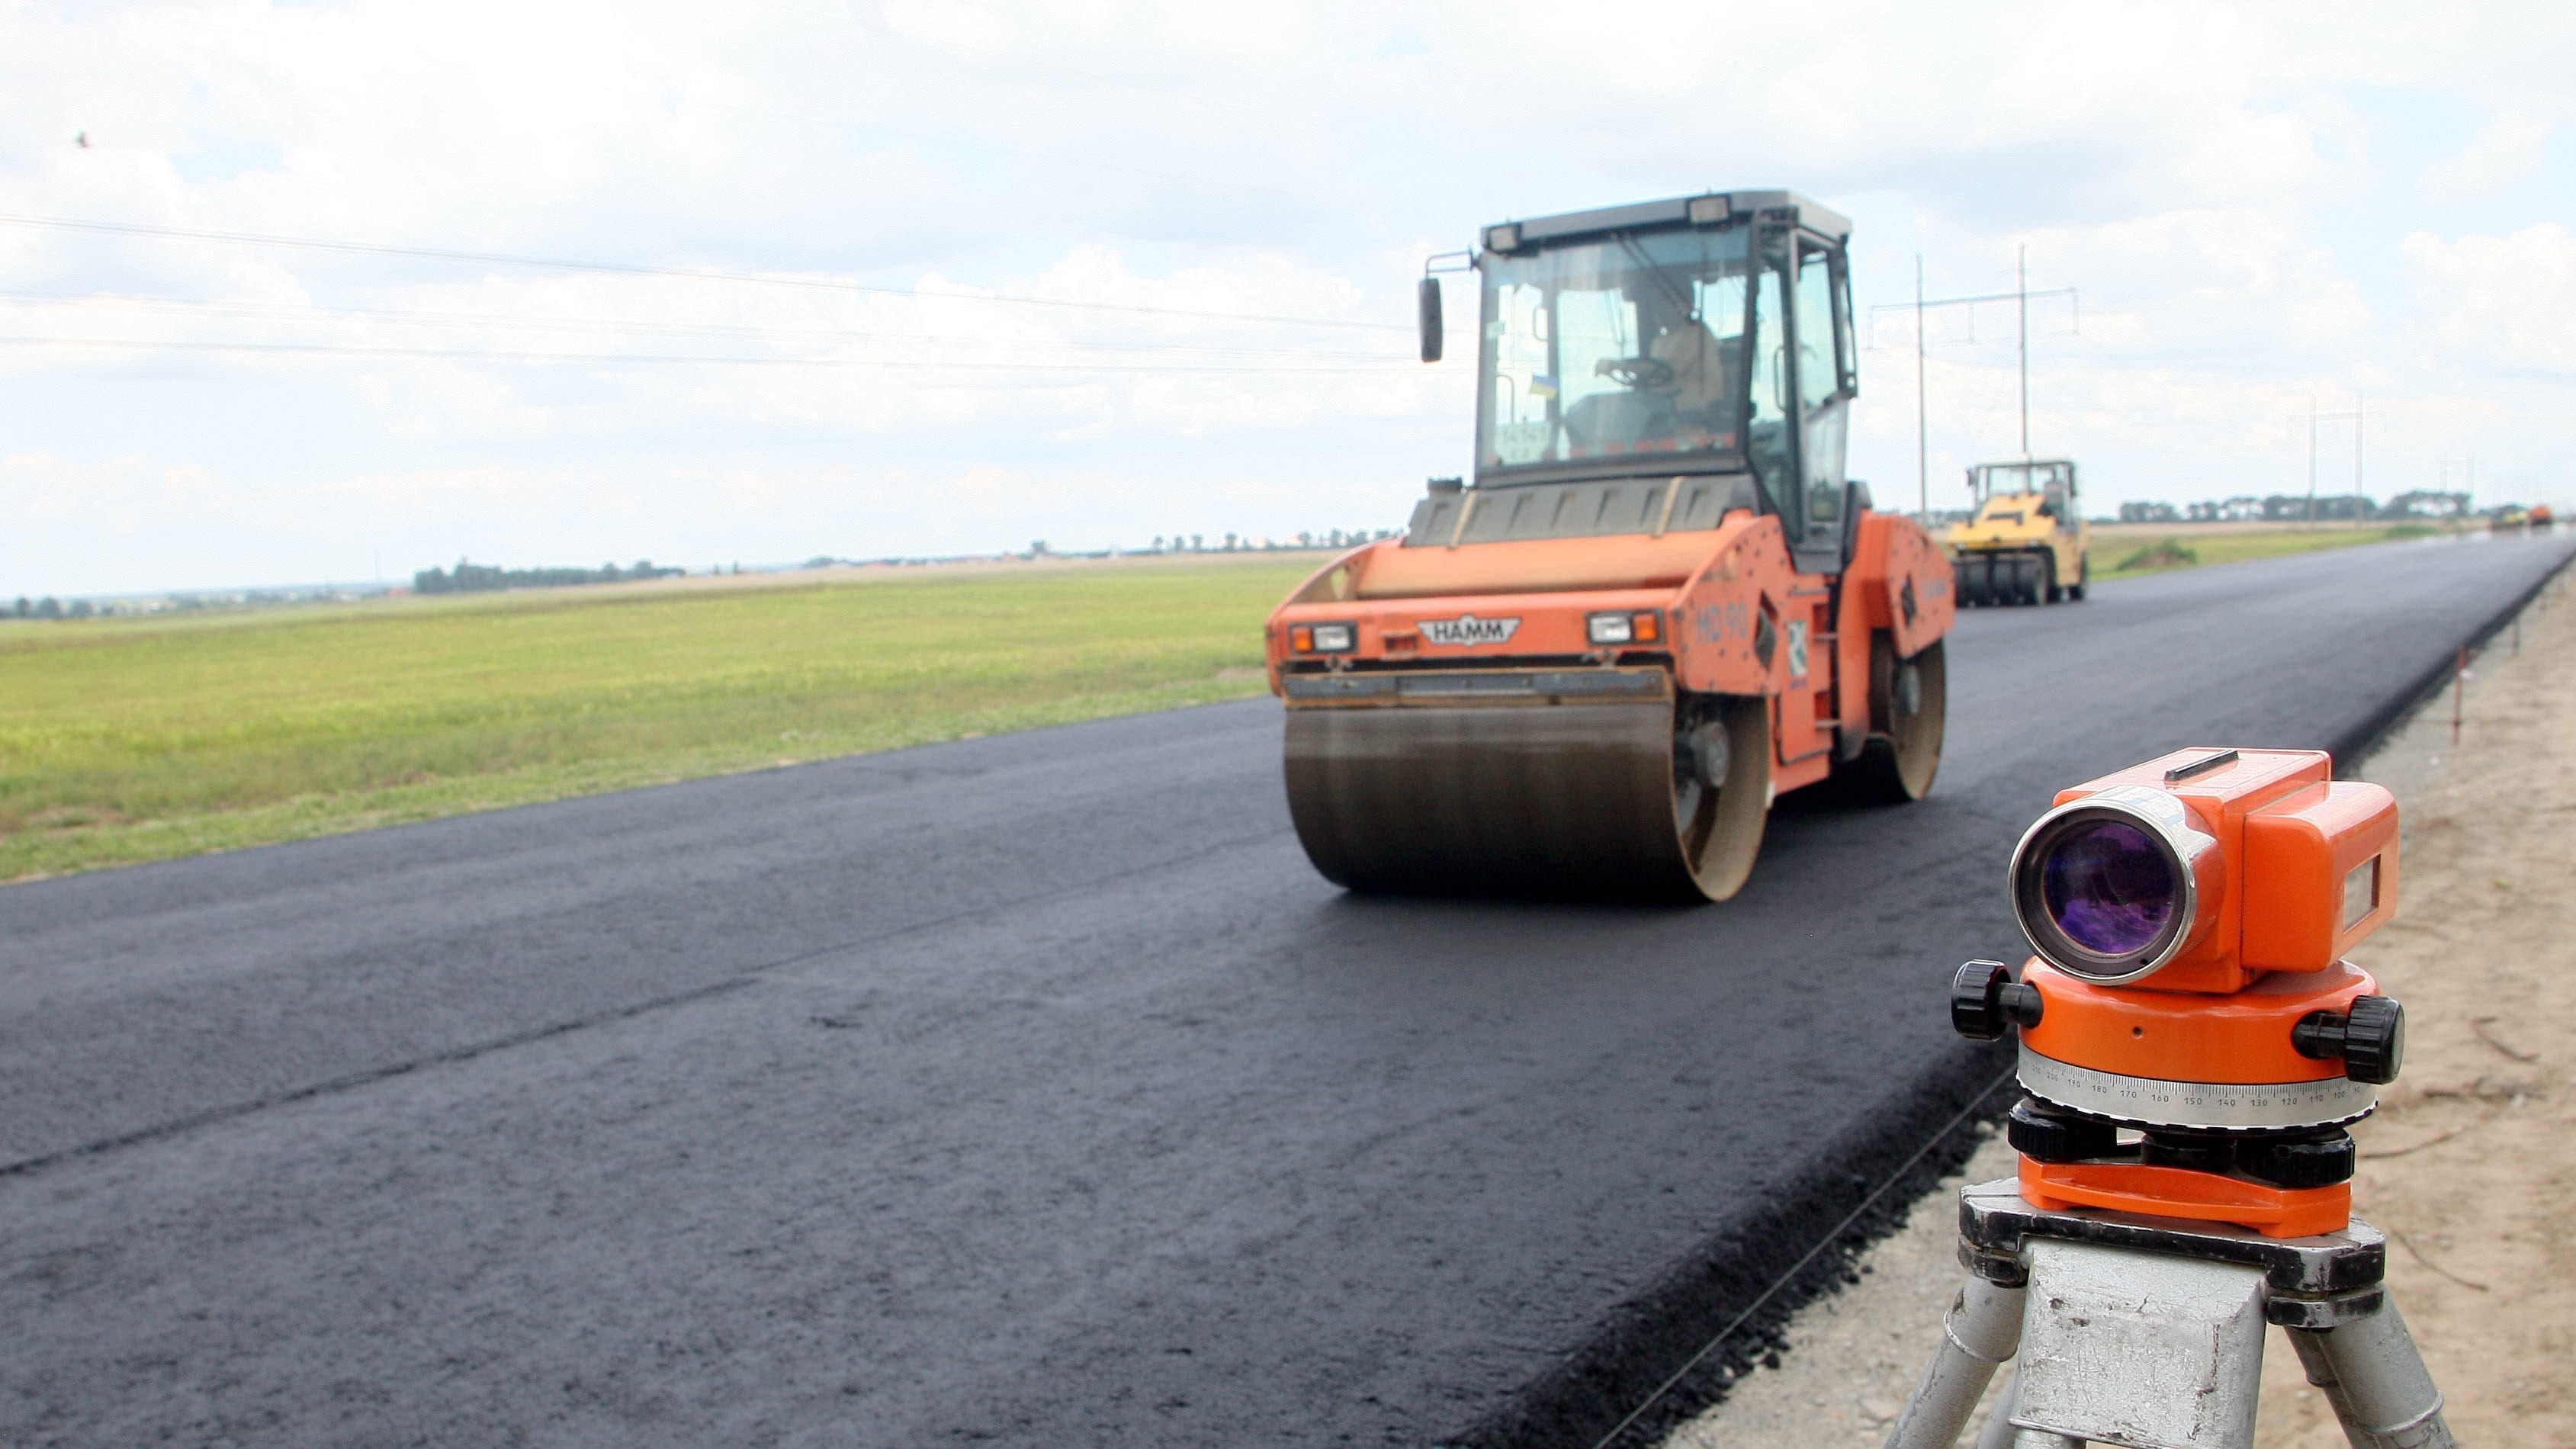 Де громадам взяти кошти на ремонт доріг - роз'яснює аналітик АМУ Ігор Онищук